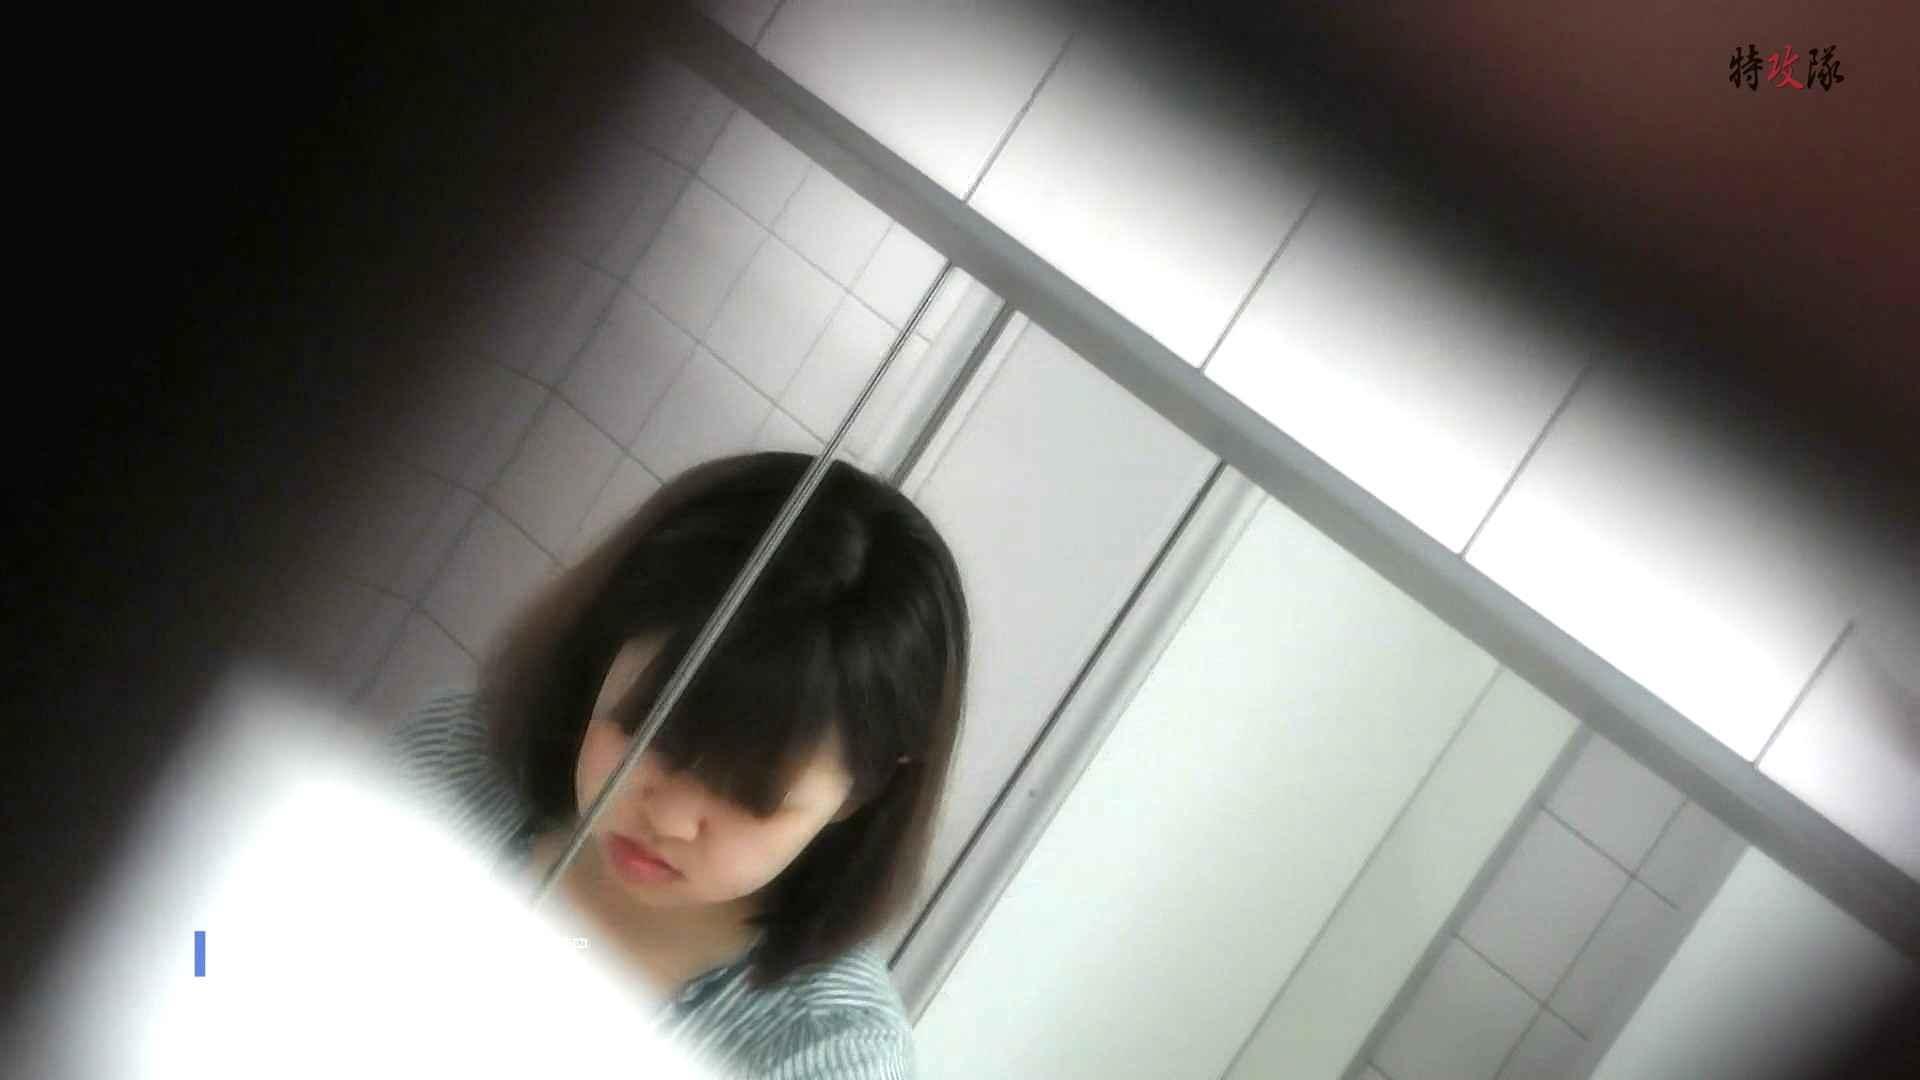 幻09 2017年第一弾!!肉厚と二尻 細身女性 | お姉さん攻略  81画像 51